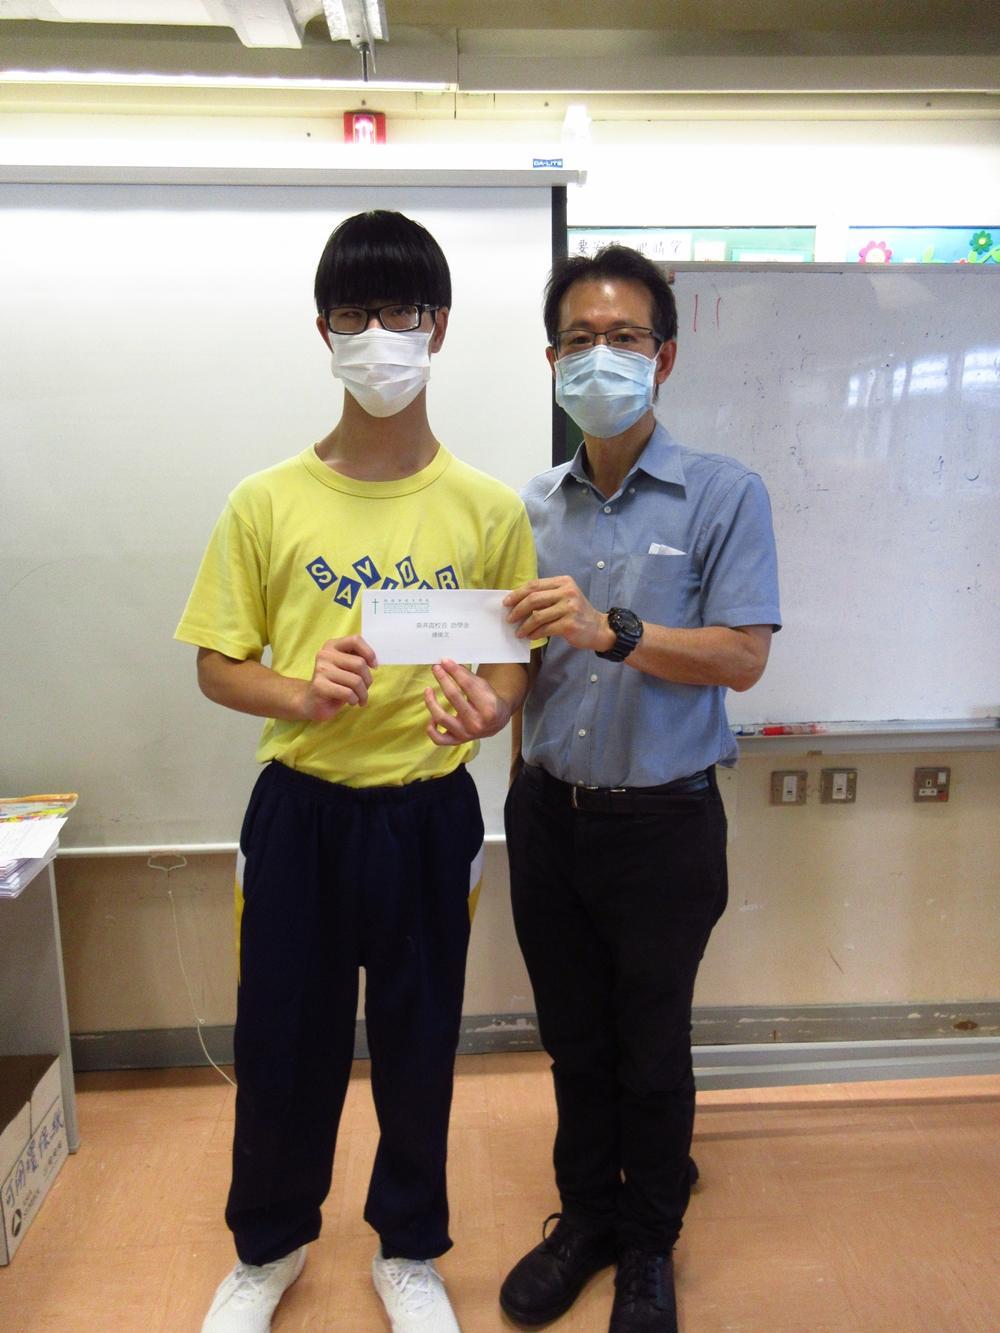 https://www.sls.edu.hk/sites/default/files/04_200622_008.jpg